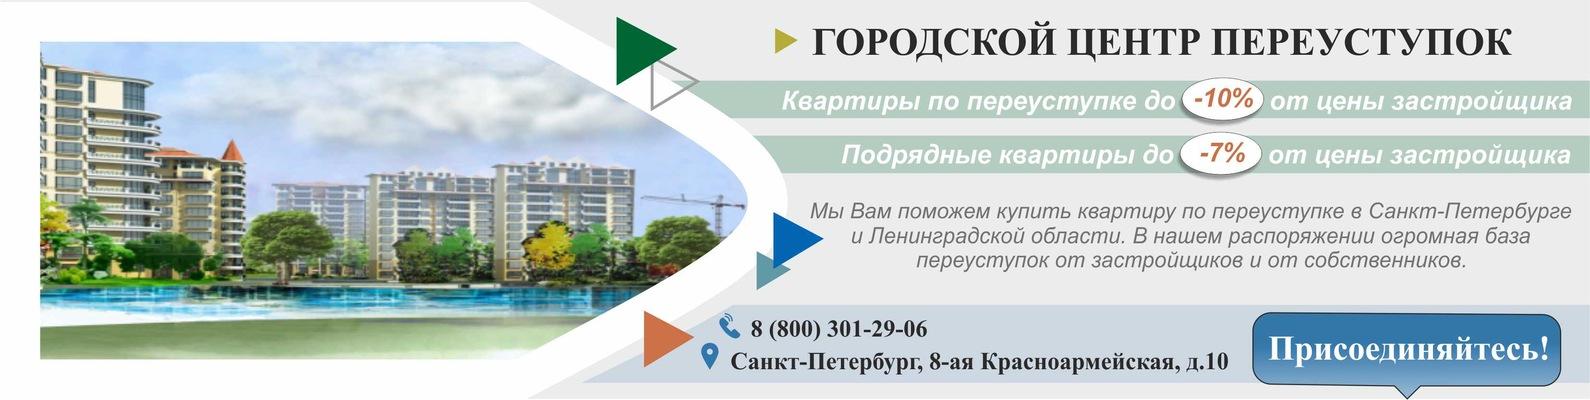 dbc5fb36f6e98 Переуступки | Новостройки | СПб| Городской центр | ВКонтакте